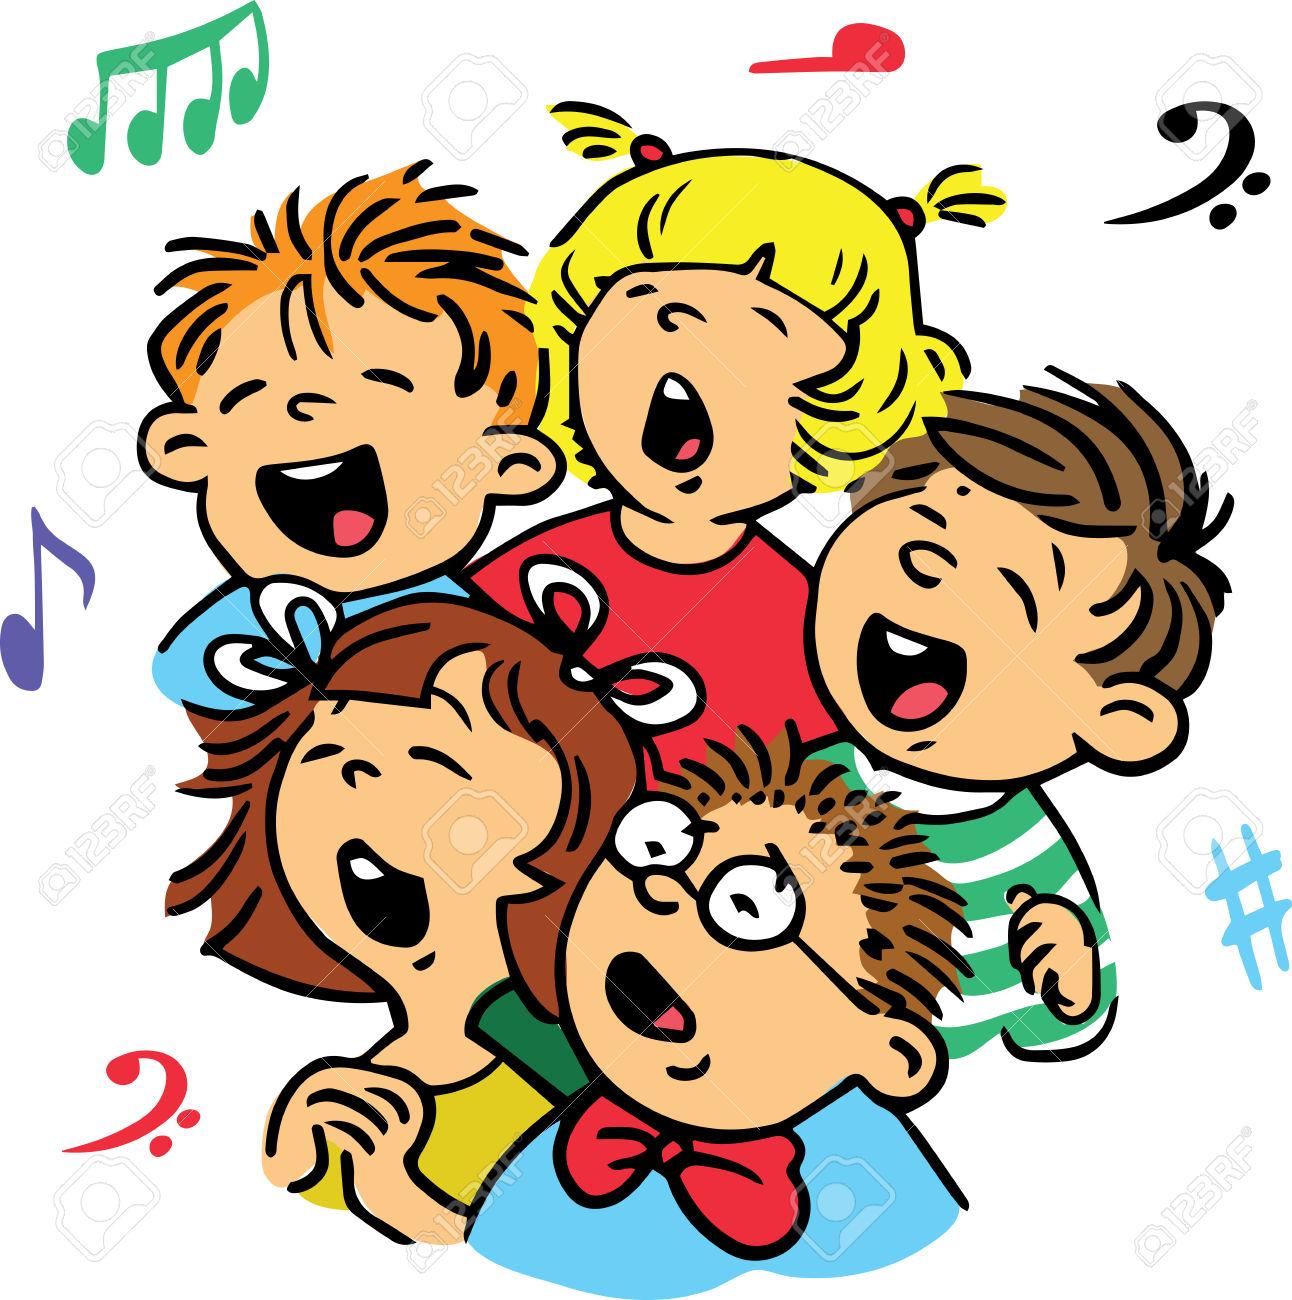 1292x1300 Children Singing Clipart, Explore Pictures